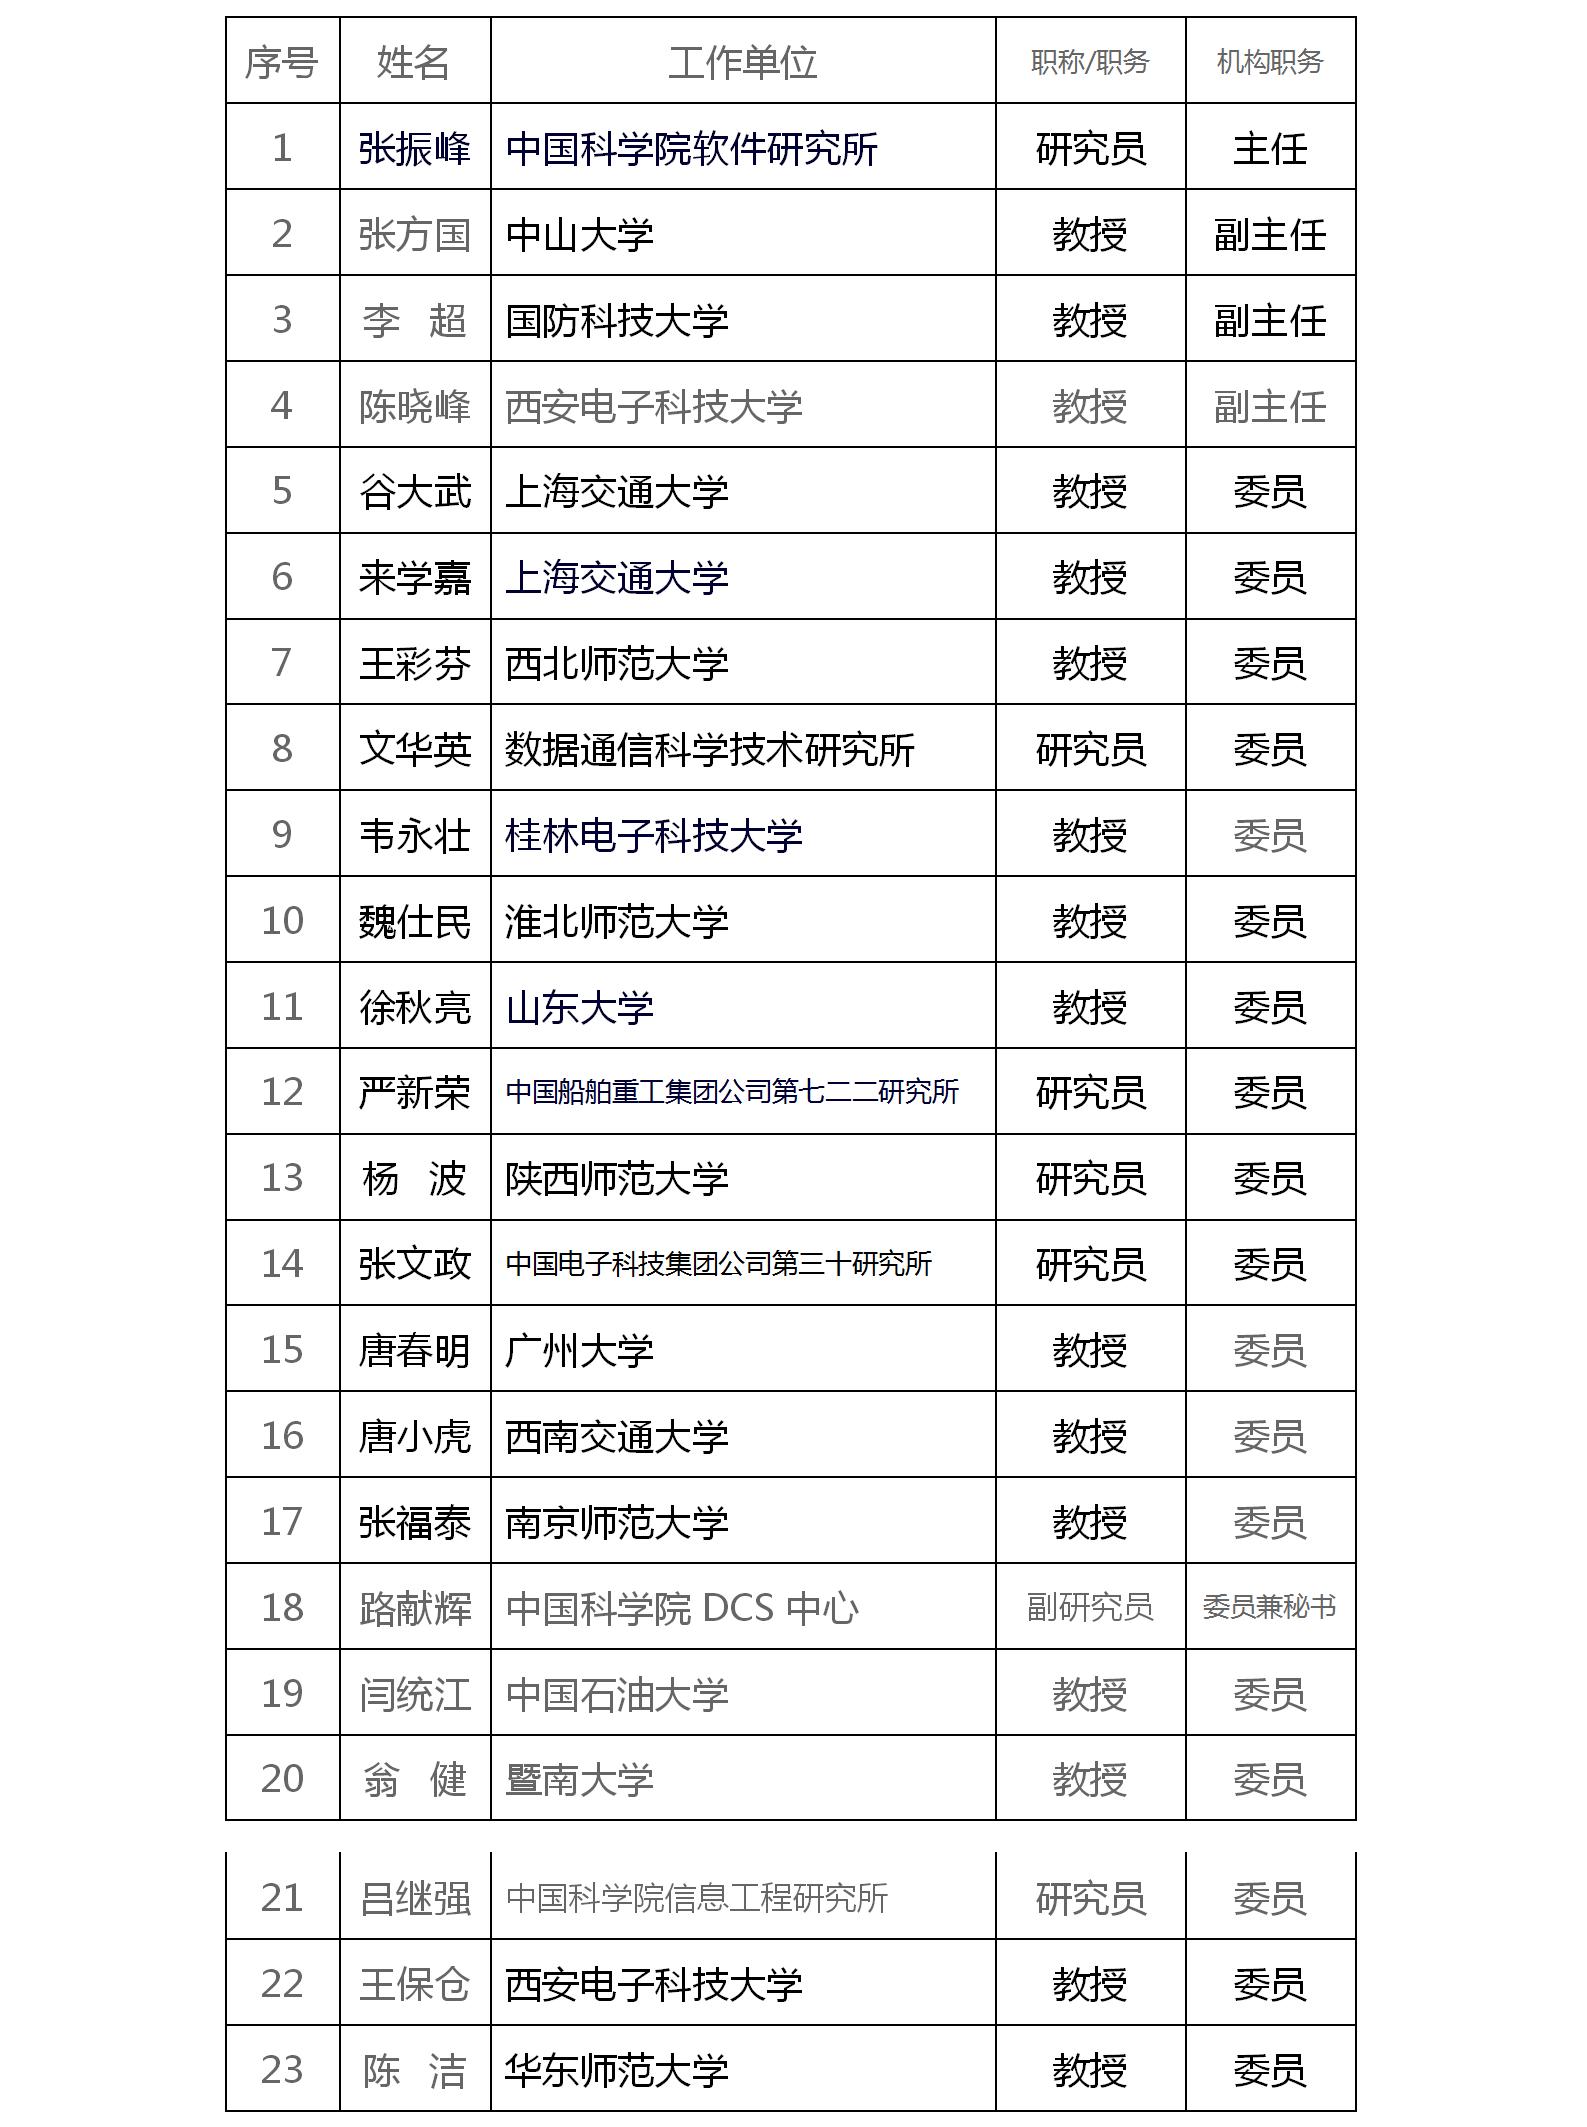 中国密码学会密码算法专业委员会第三届成员名单.png